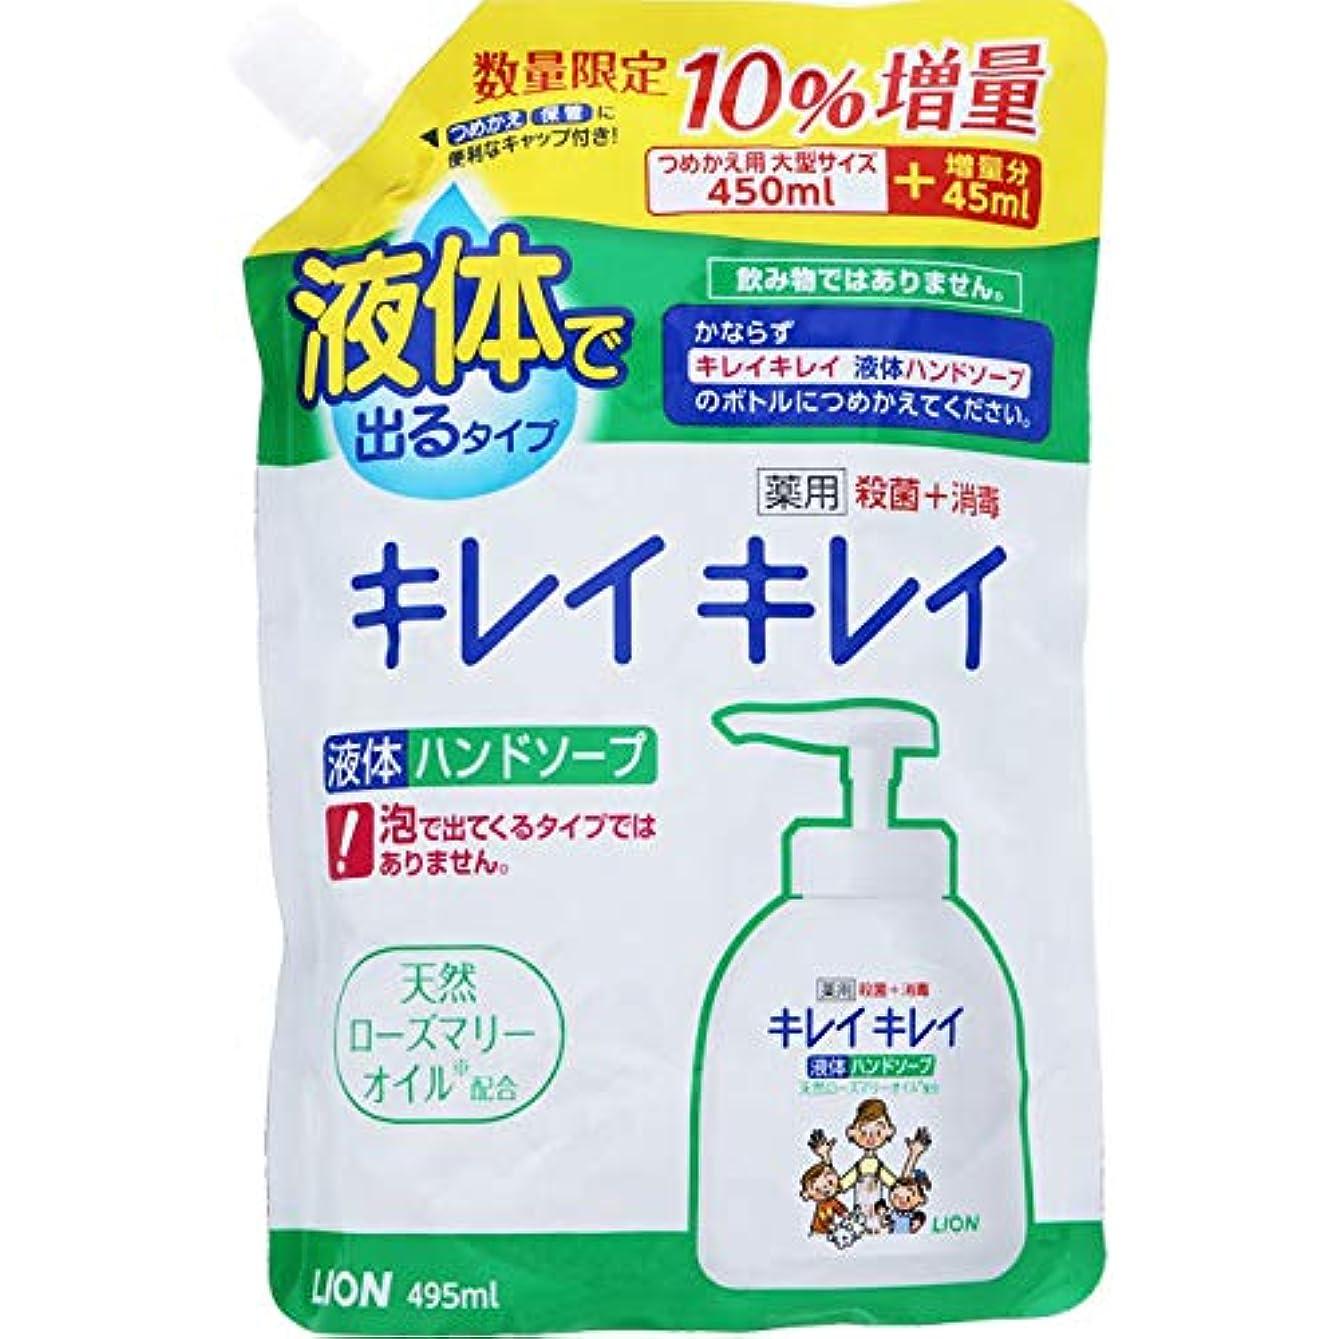 上昇スズメバチサイレントライオン キレイキレイ 薬用ハンドソープ 詰替用大型増量 450+45ml